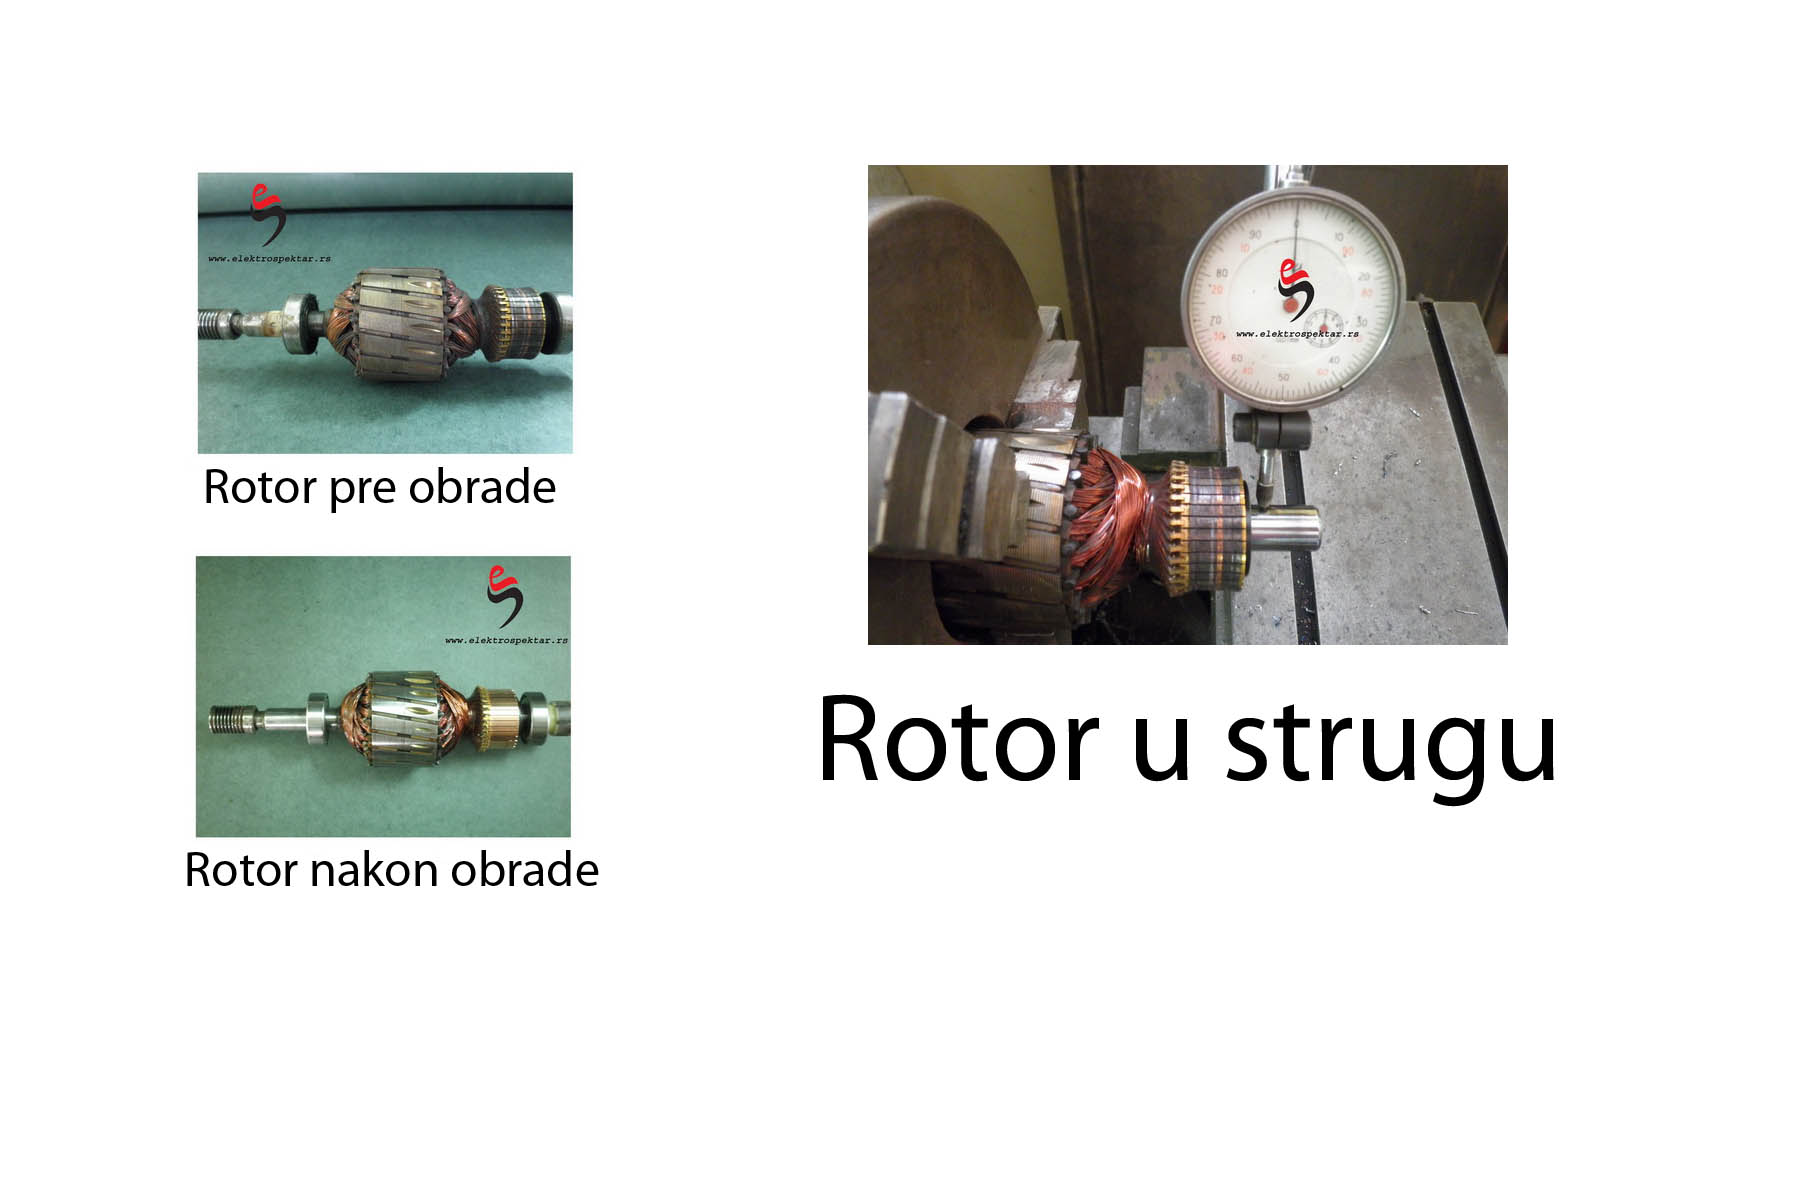 Obrada rotora